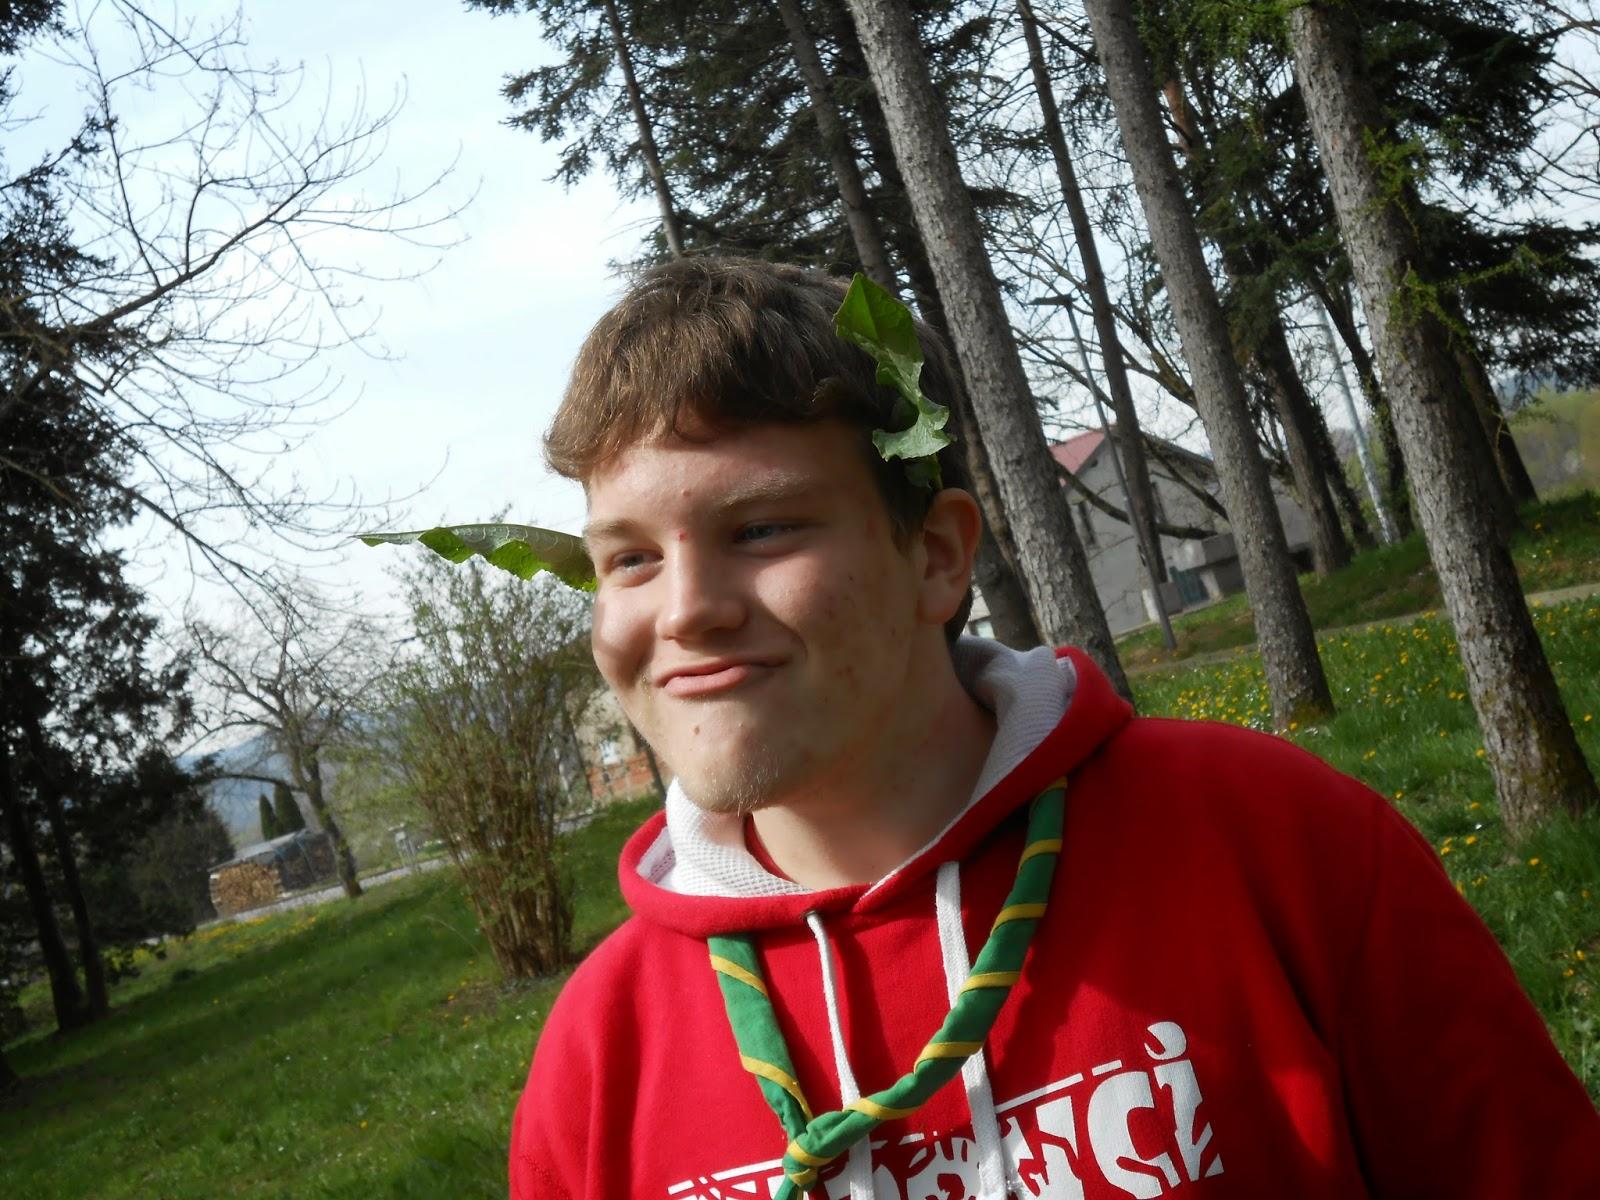 Športni dan 4. razred, 4. april 2014, Ilirska Bistrica - DSCN3385.JPG